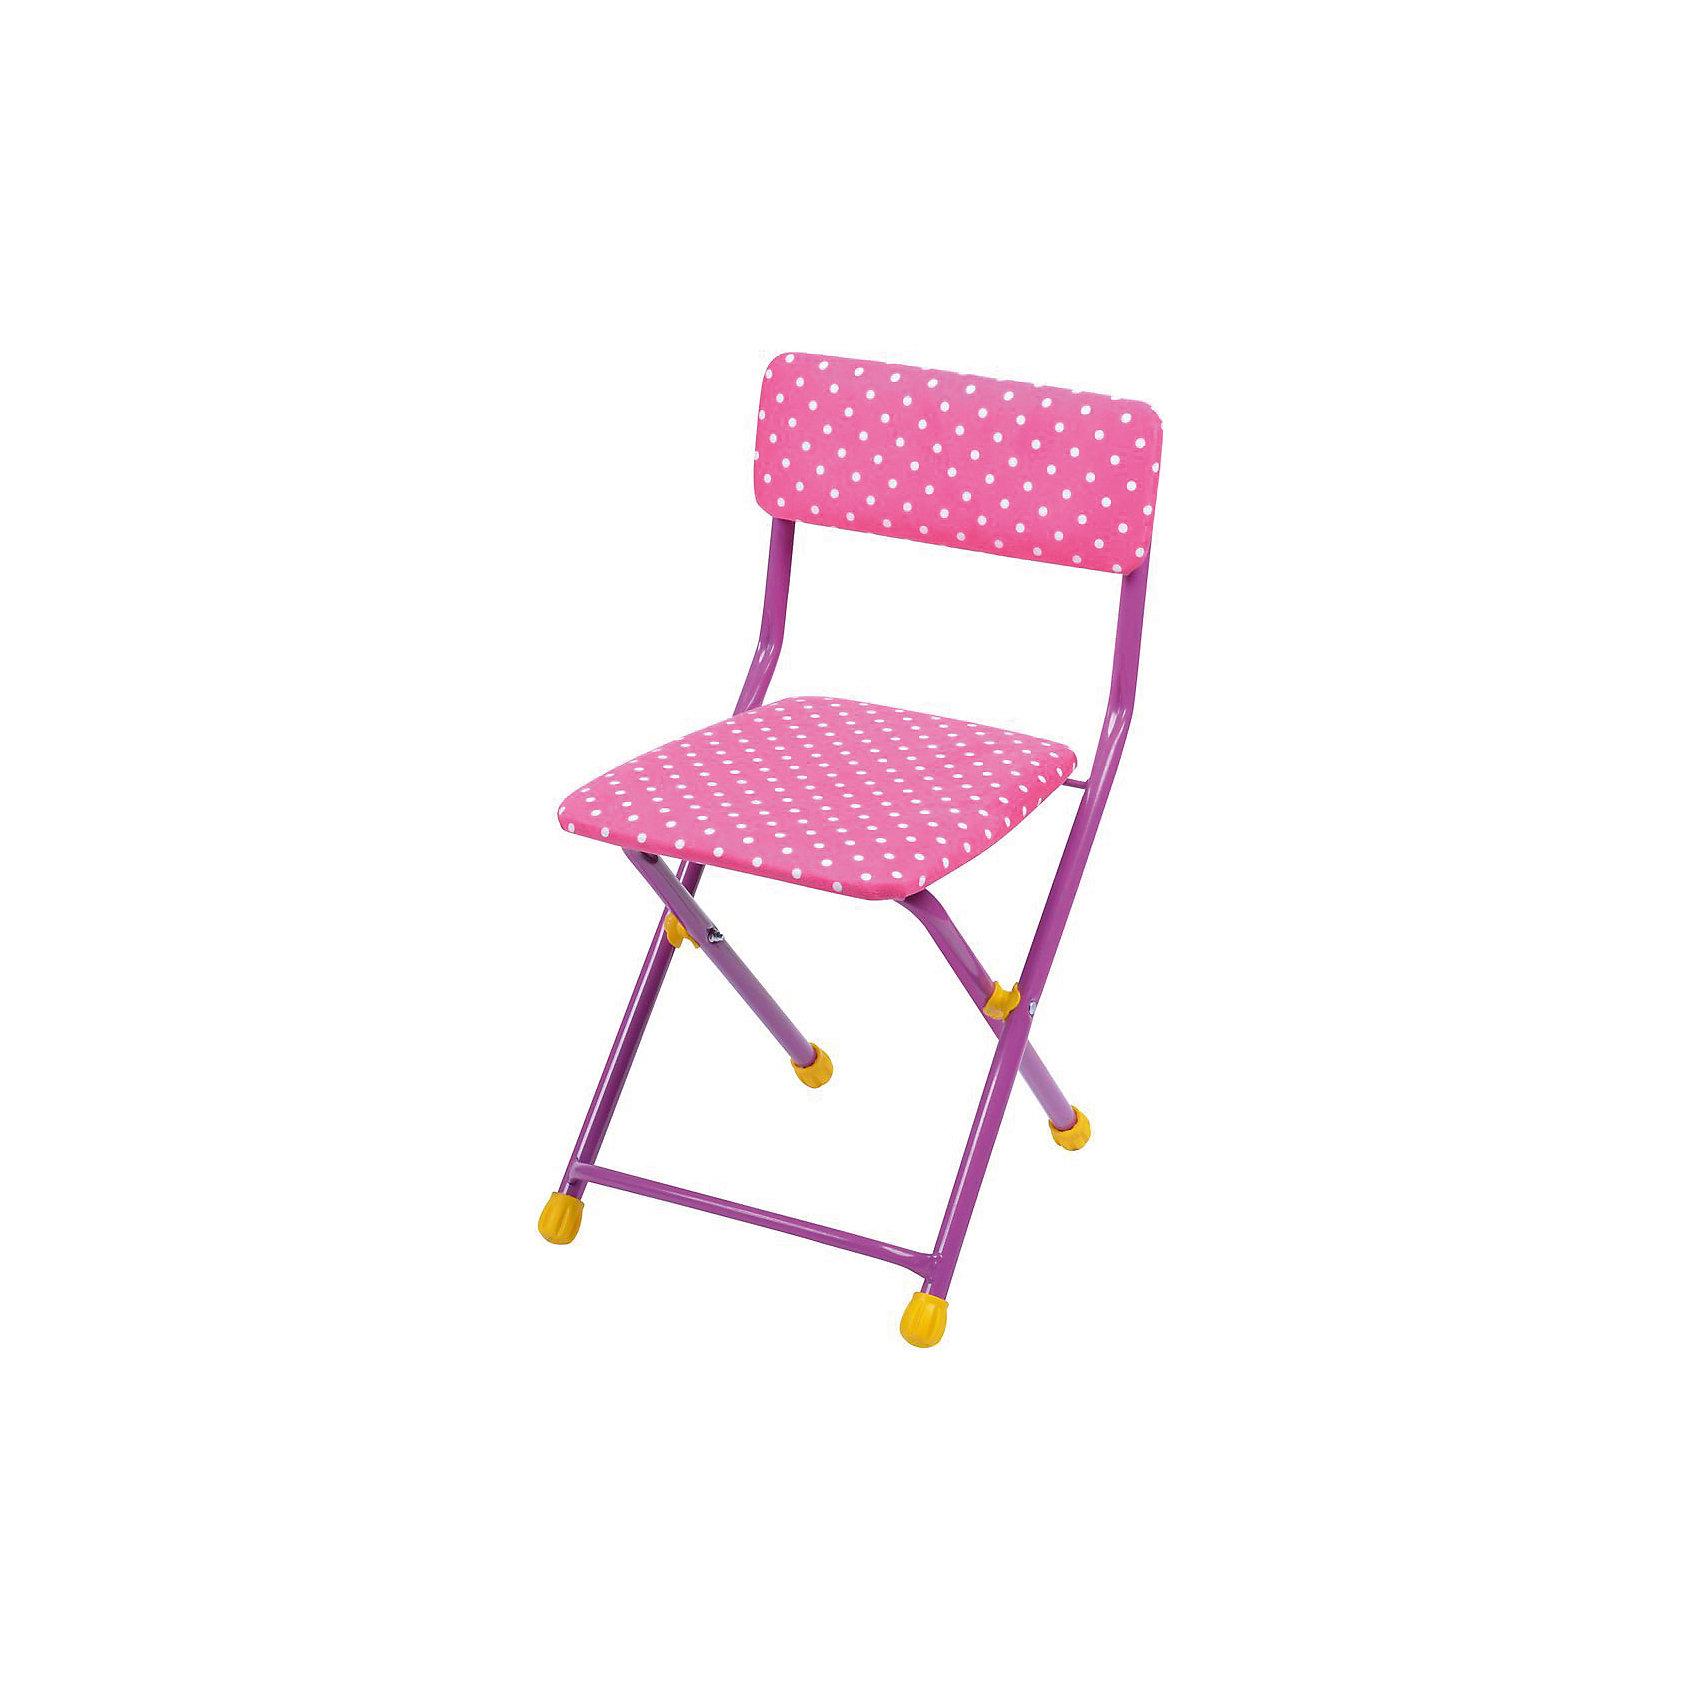 Складной стул с мягким сиденьем КУ1 Горошек, Ника, розовыйДетские столы и стулья<br>Характеристики товара:<br><br>• цвет: розовый <br>• материал: металл, пластик, текстиль<br>• сиденье: 310х270 мм<br>• высота до сиденья: 320 мм<br>• высота со спинкой 570 мм<br>• на ножках пластмассовые наконечники<br>• складной<br>• на сиденье мягкая обивка из флока <br>• возраст: от 3 до 7 лет<br>• страна бренда: Российская Федерация<br>• страна производства: Российская Федерация<br><br>Детская мебель может быть удобной и эргономичной! Этот стул разработан специально для детей от трех до семи лет. Он легко складывается и раскладывается, занимает немного места. Сиденье обито мягким флоком, а на ножках стула установлены пластмассовые наконечники для защиты напольного покрытия. Отличное решение для игр, творчества и обучения!<br>Правильно подобранная мебель помогает ребенку расти здоровым, формироваться правильной осанке. Изделие производится из качественных сертифицированных материалов, безопасных даже для самых маленьких.<br><br>Складной стул с мягким сиденьем КУ1 Горошек, розовый от бренда Ника можно купить в нашем интернет-магазине.<br><br>Ширина мм: 700<br>Глубина мм: 160<br>Высота мм: 330<br>Вес г: 2520<br>Возраст от месяцев: 36<br>Возраст до месяцев: 84<br>Пол: Женский<br>Возраст: Детский<br>SKU: 5223591